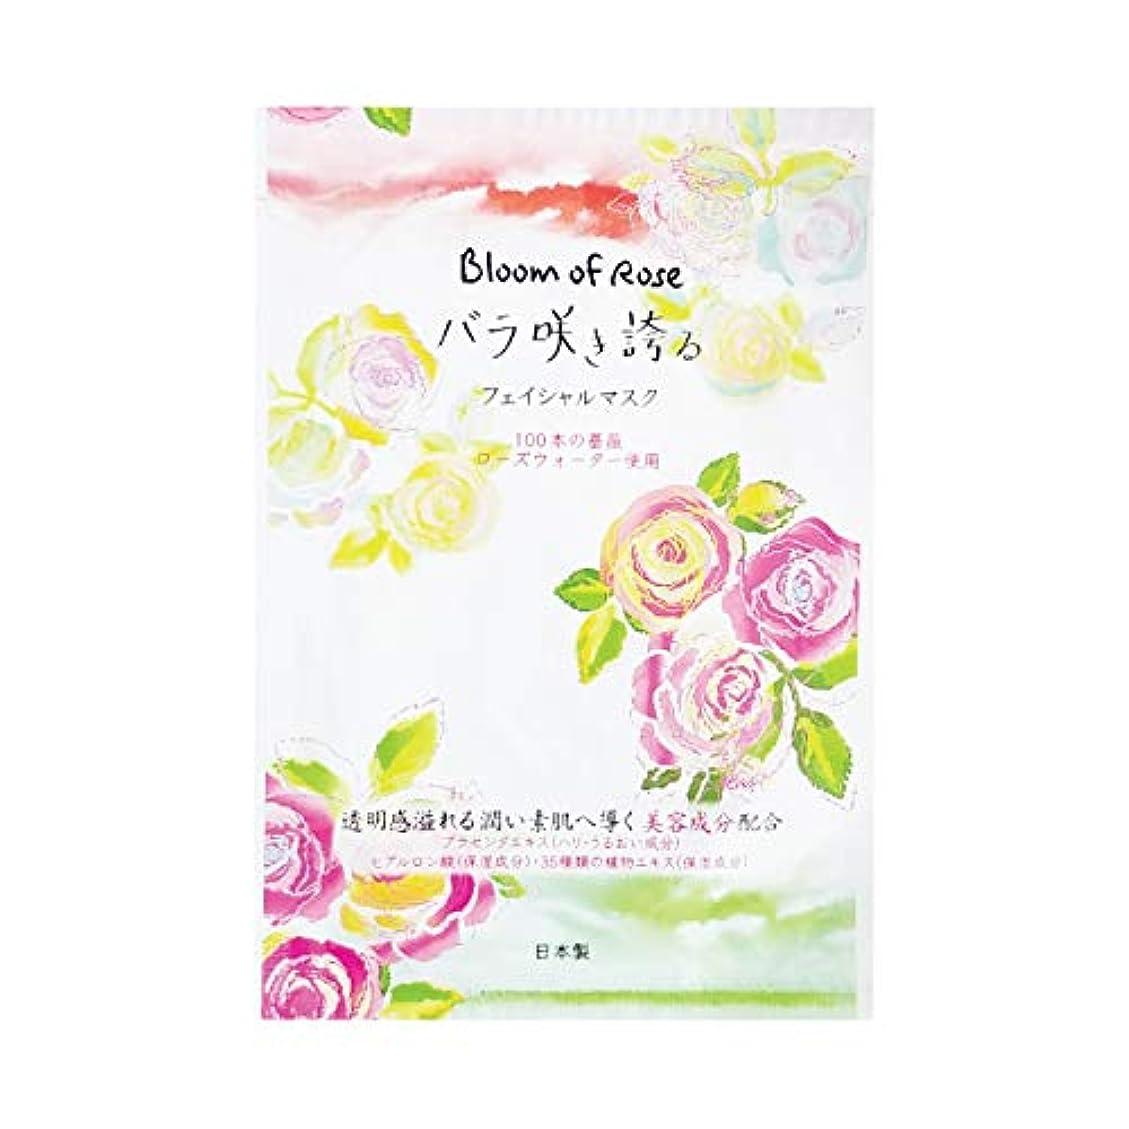 対話判読できない愛情Bloom of Rose バラ咲き誇るフェイシャルマスク 30枚